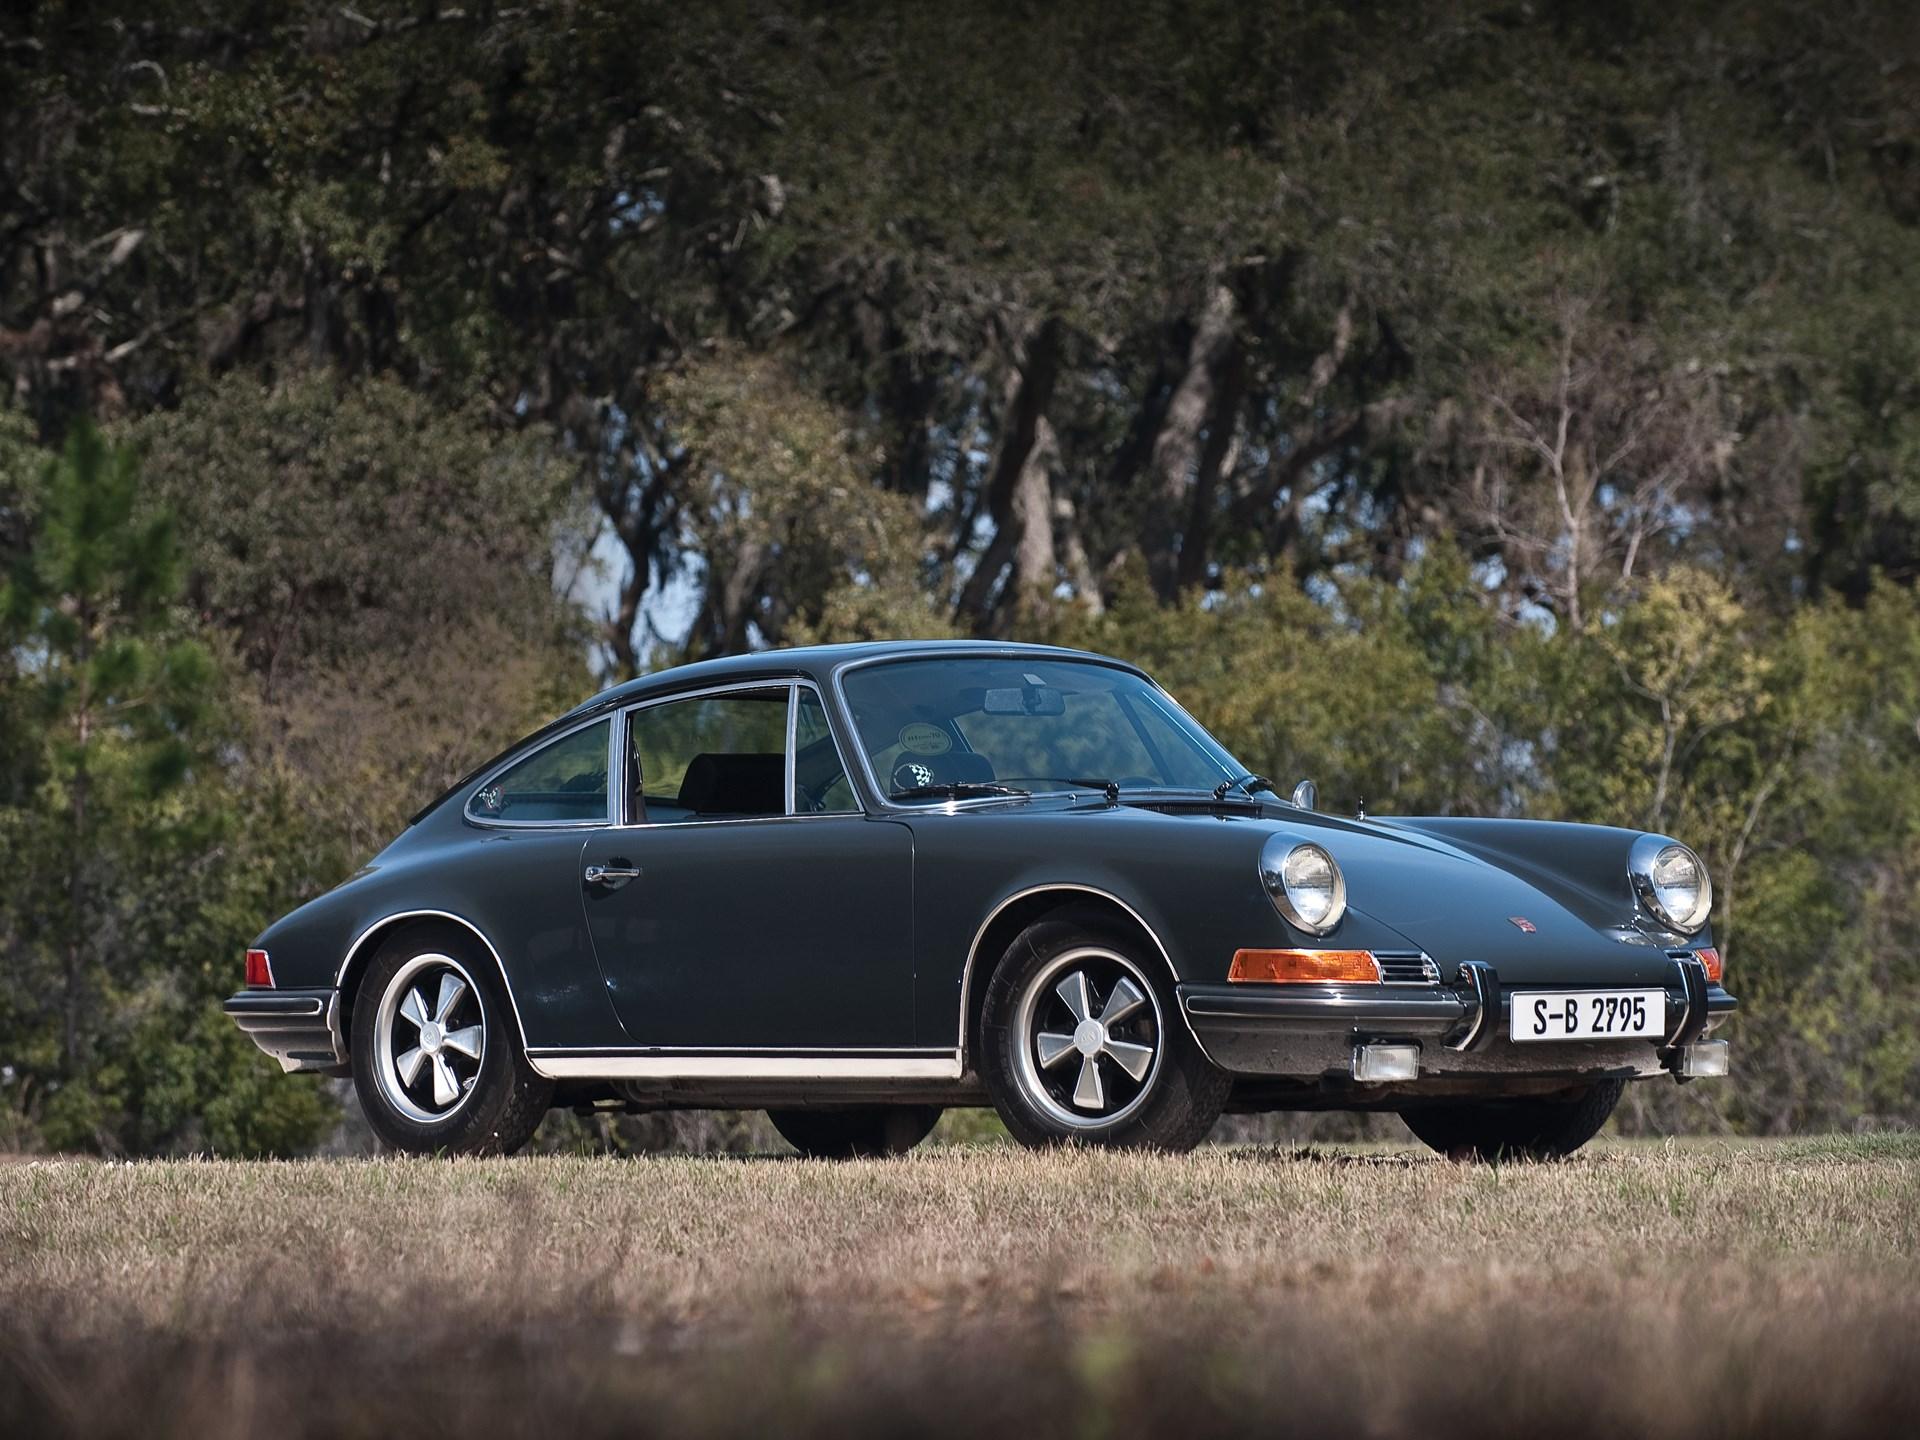 RM Sotheby's - 1970 Porsche 911S Steve McQueen Le Mans Movie Car ...